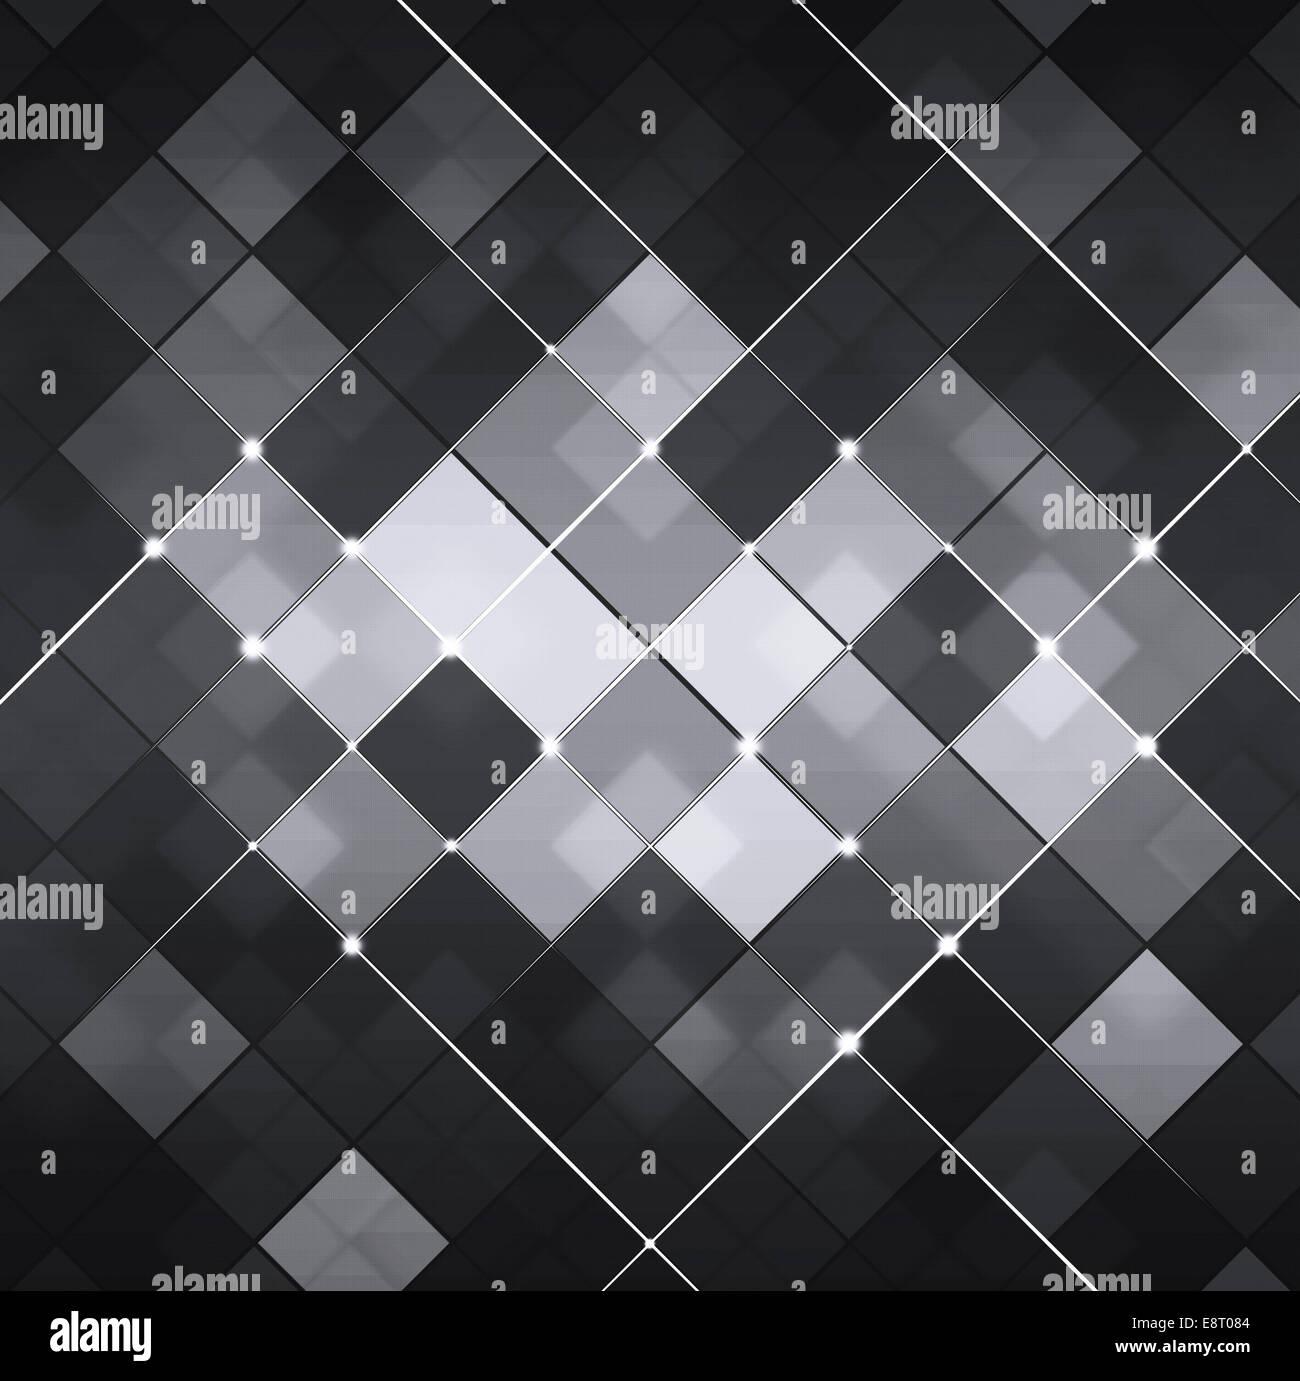 Resumen de puntos cuadrados en blanco y negro de fondo de tecnología Imagen De Stock